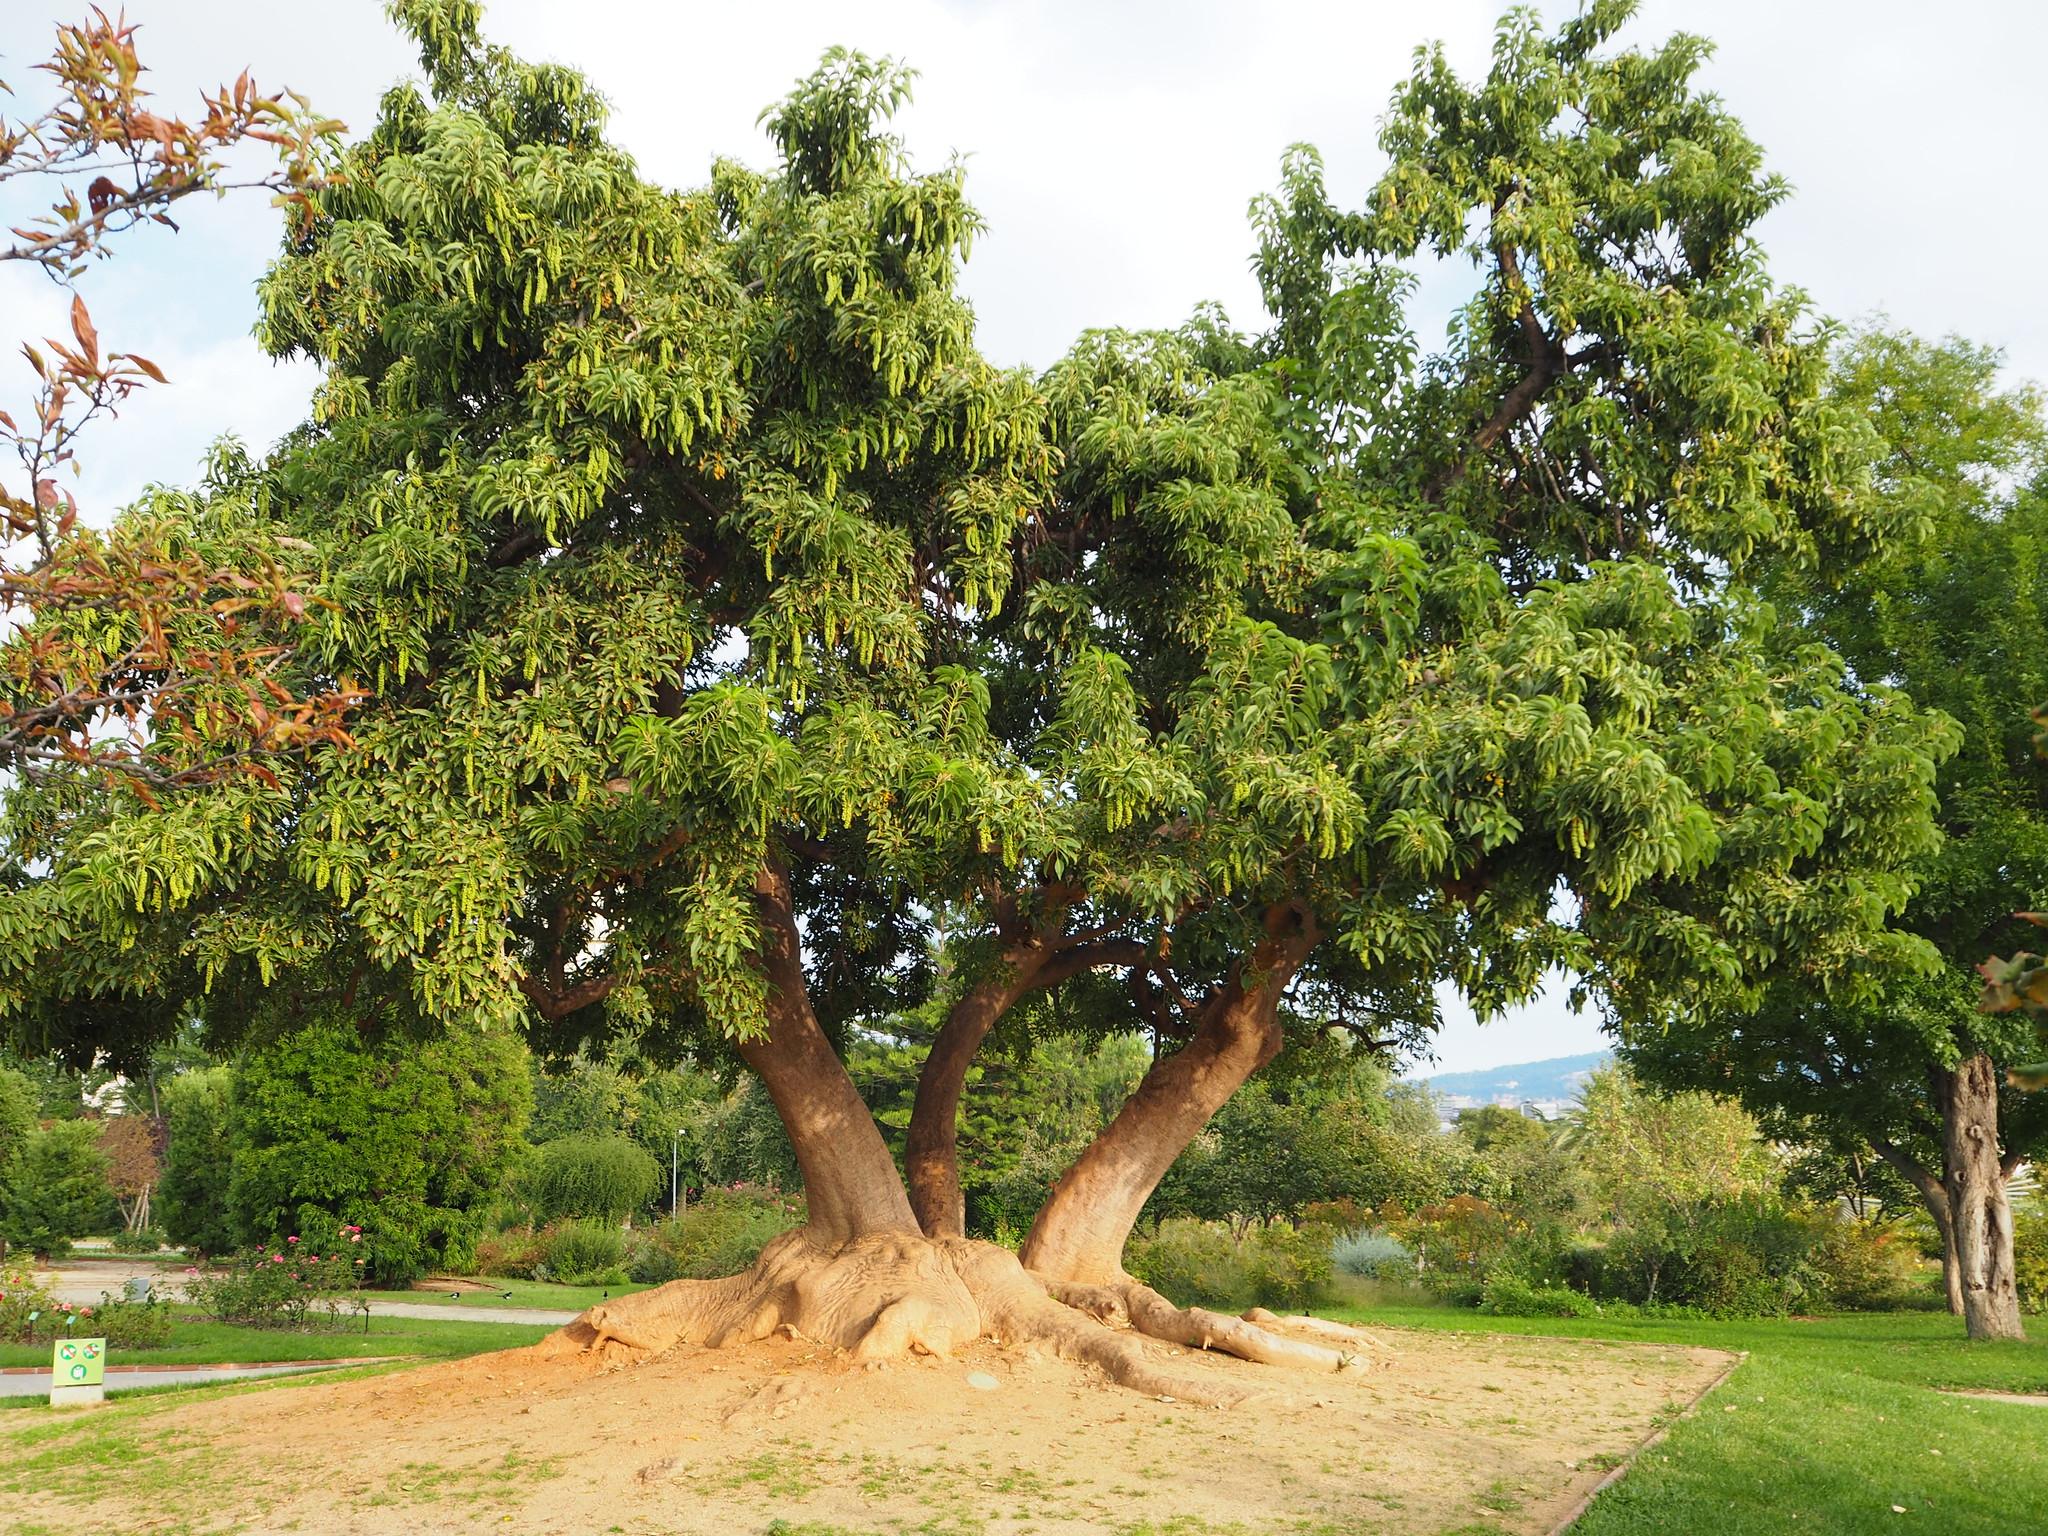 Vista del árbol de ombú